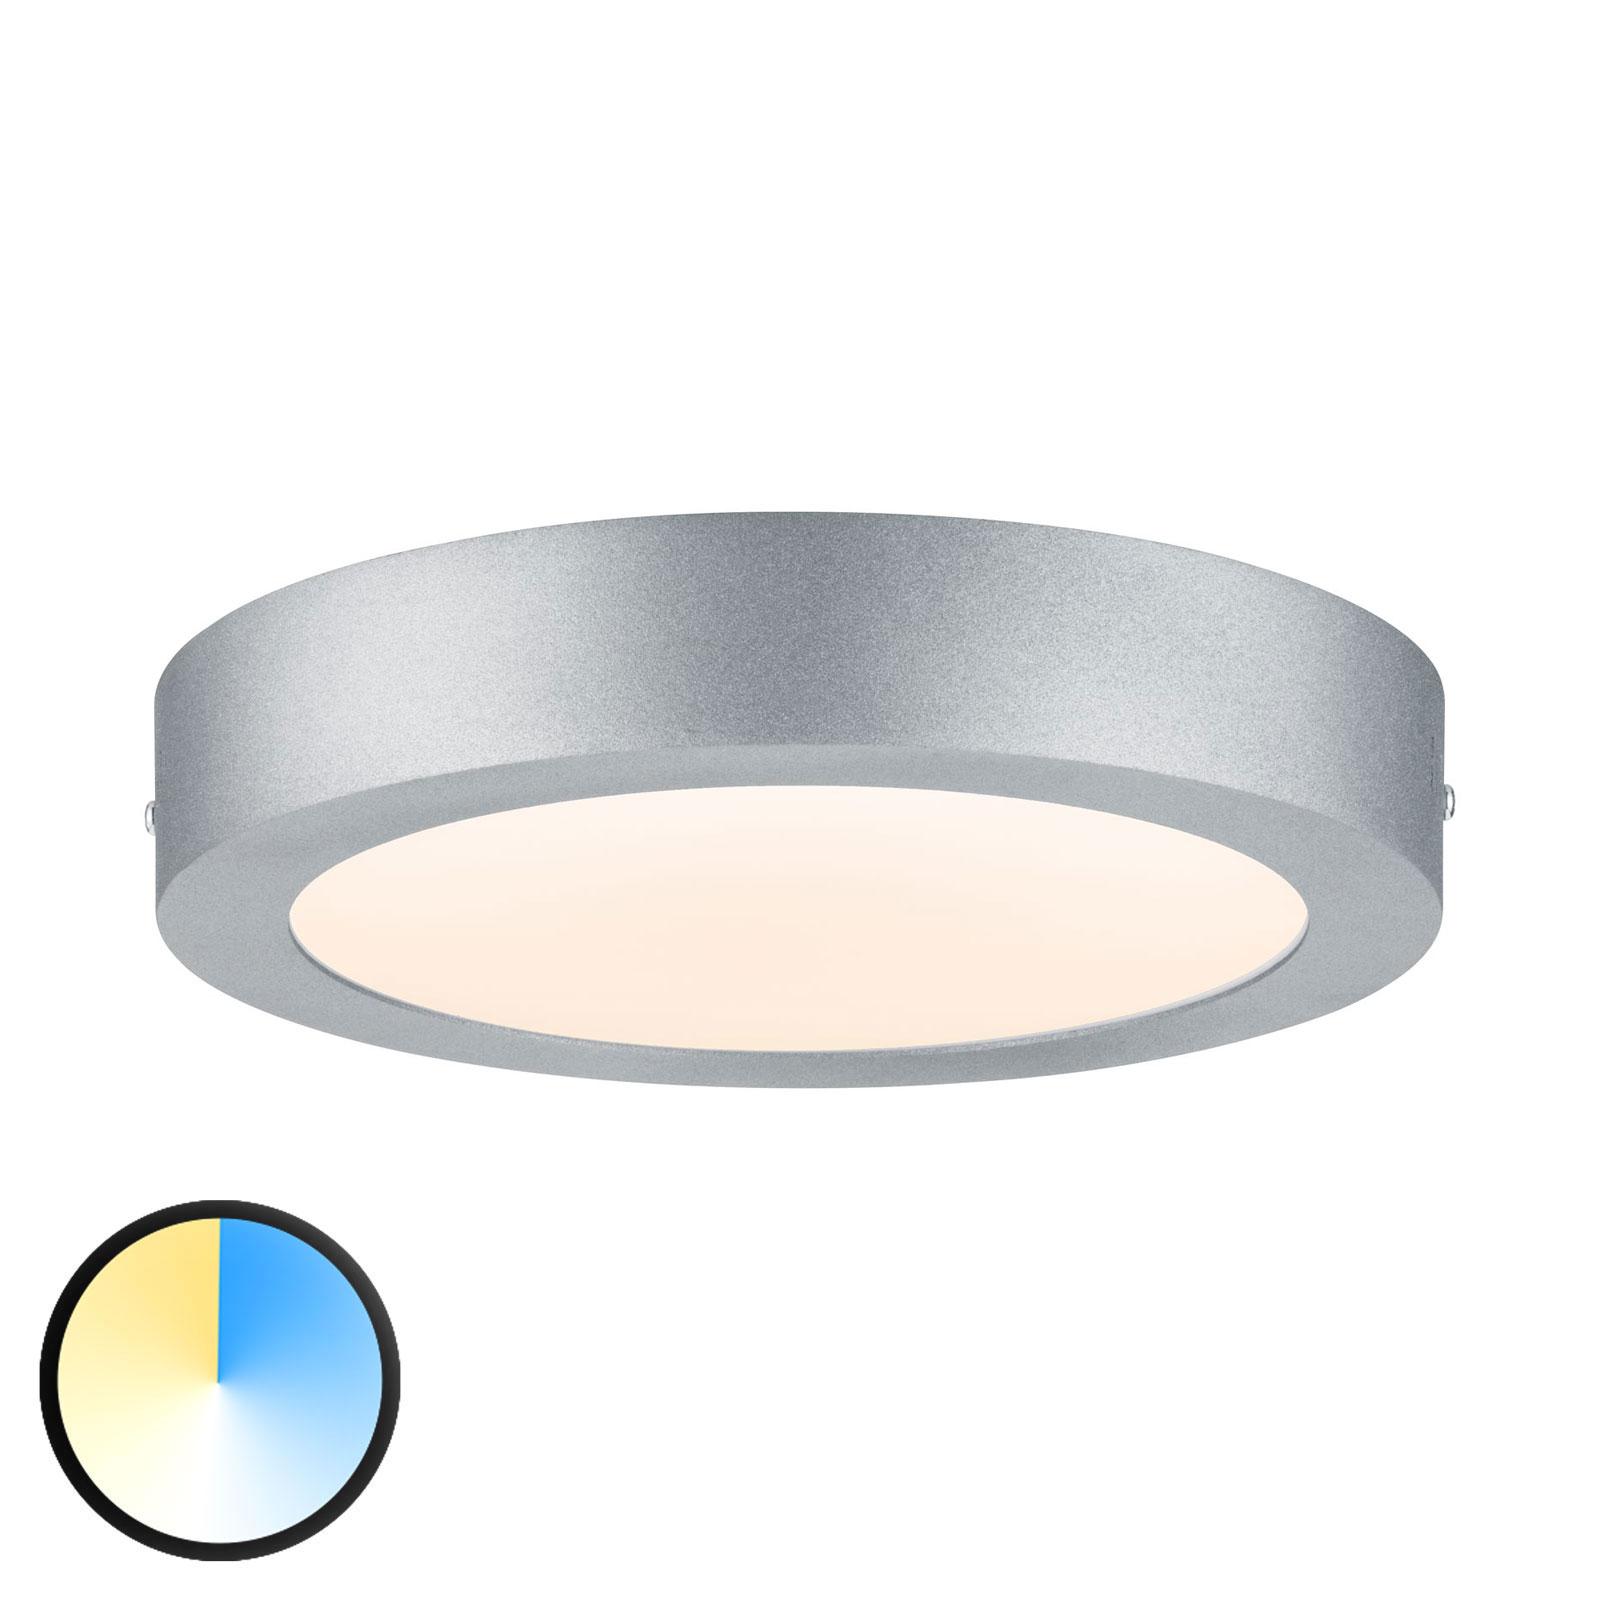 Paulmann Carpo lampa sufitowa LED chrom 22,5cm